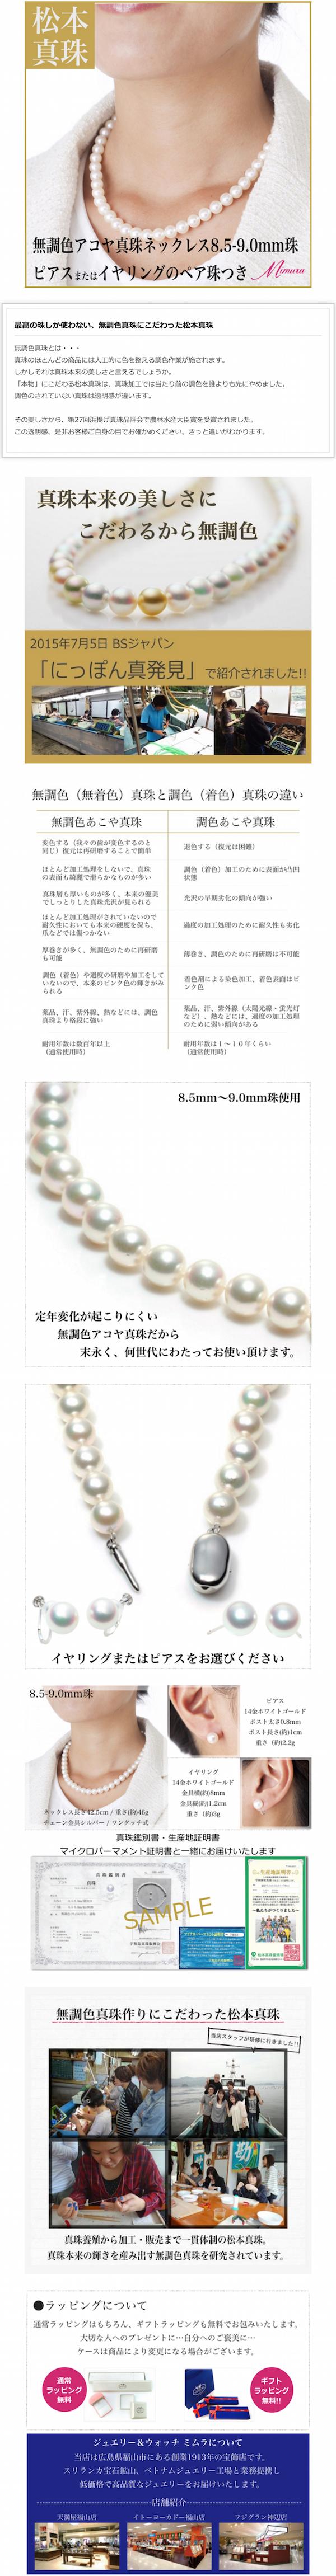 松本真珠無調色アコヤ真珠